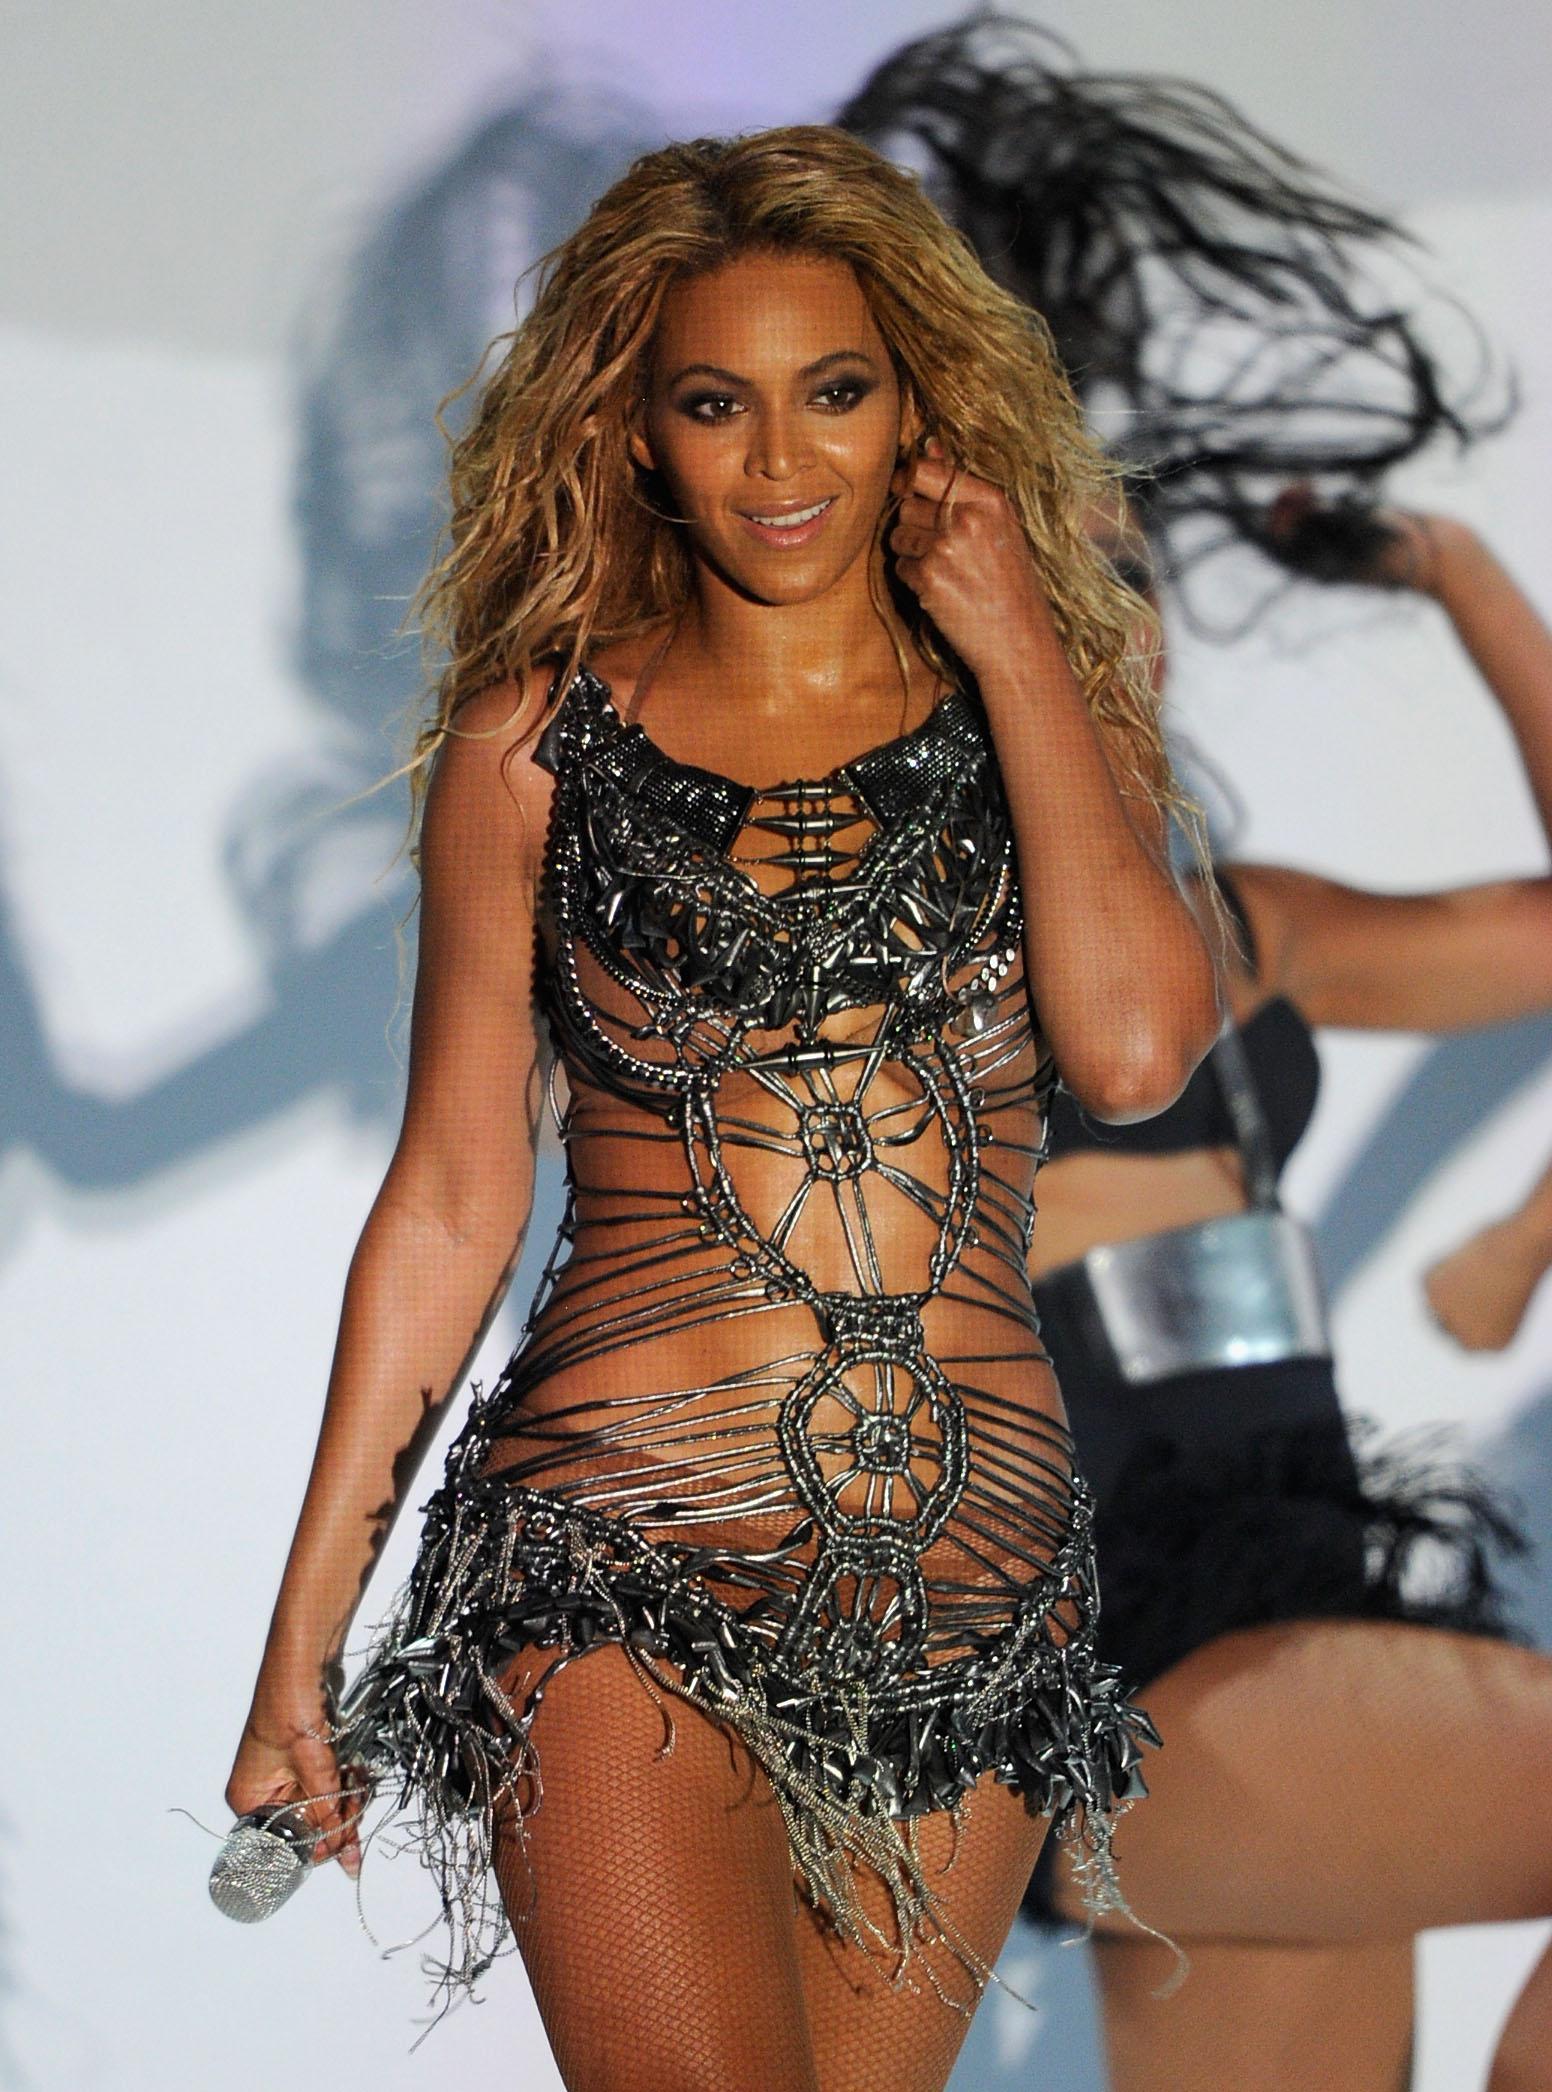 Billboard Music Awards, May 2011